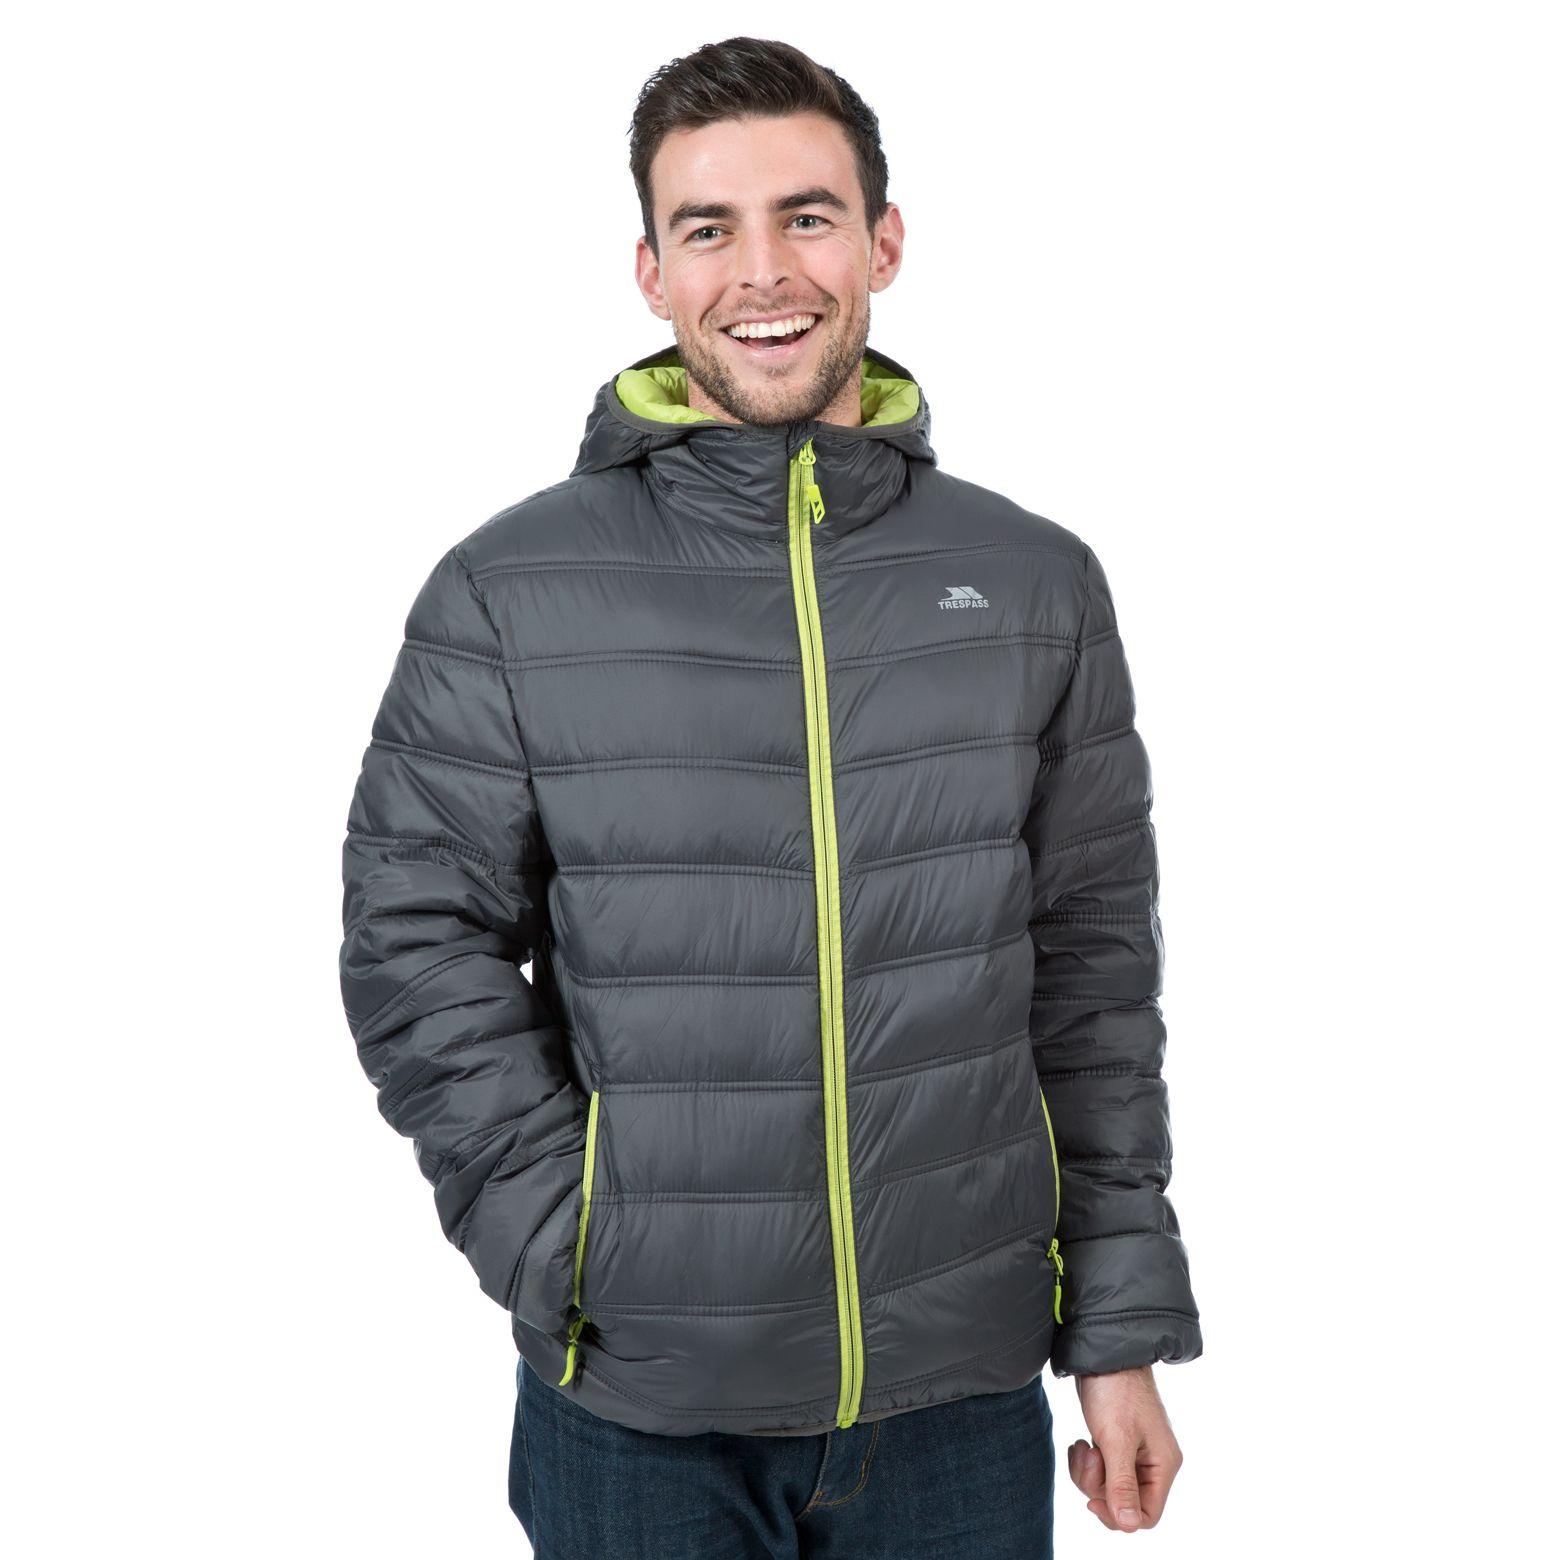 Natasha Womens Dlx Recco Waterproof Ski Jacket